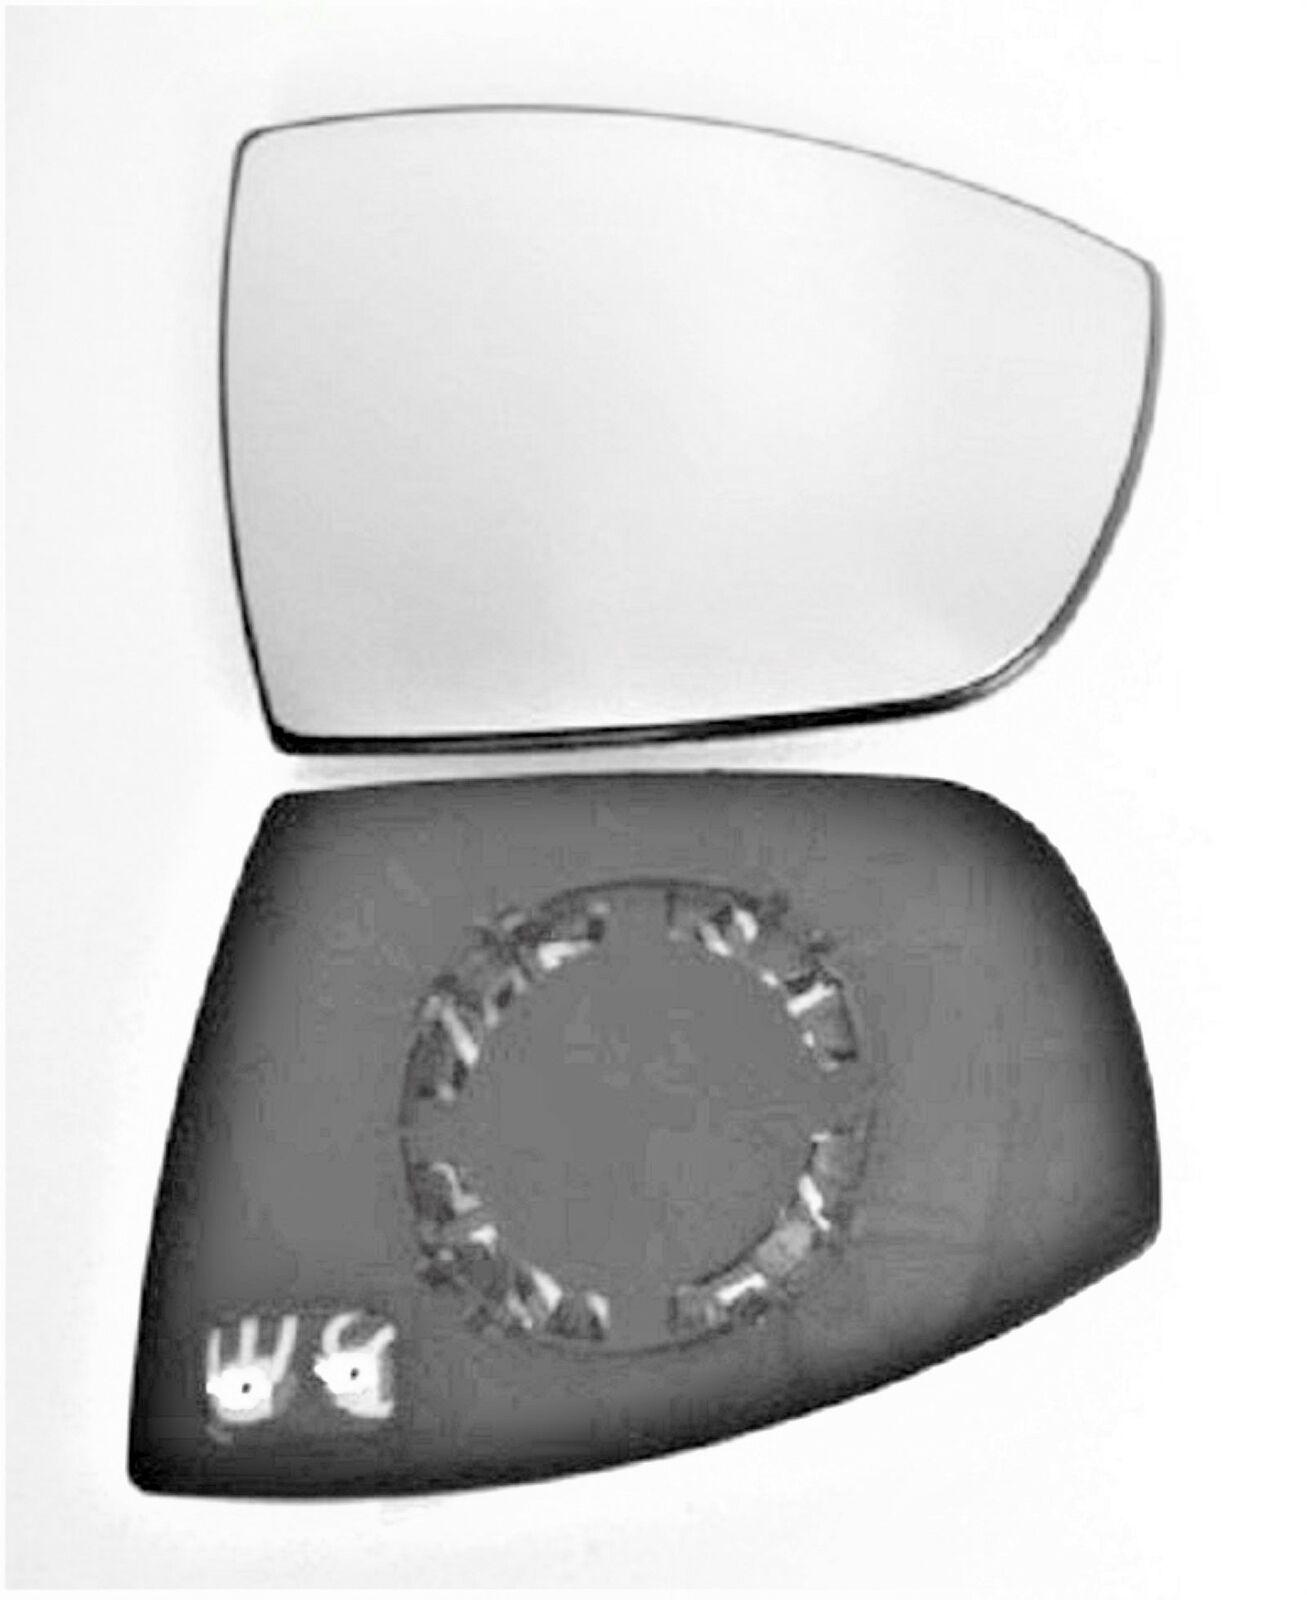 Spiegelglas Weitwinkel unten rechts Beifahrerseite für PEUGEOT EXPERT ab 2007